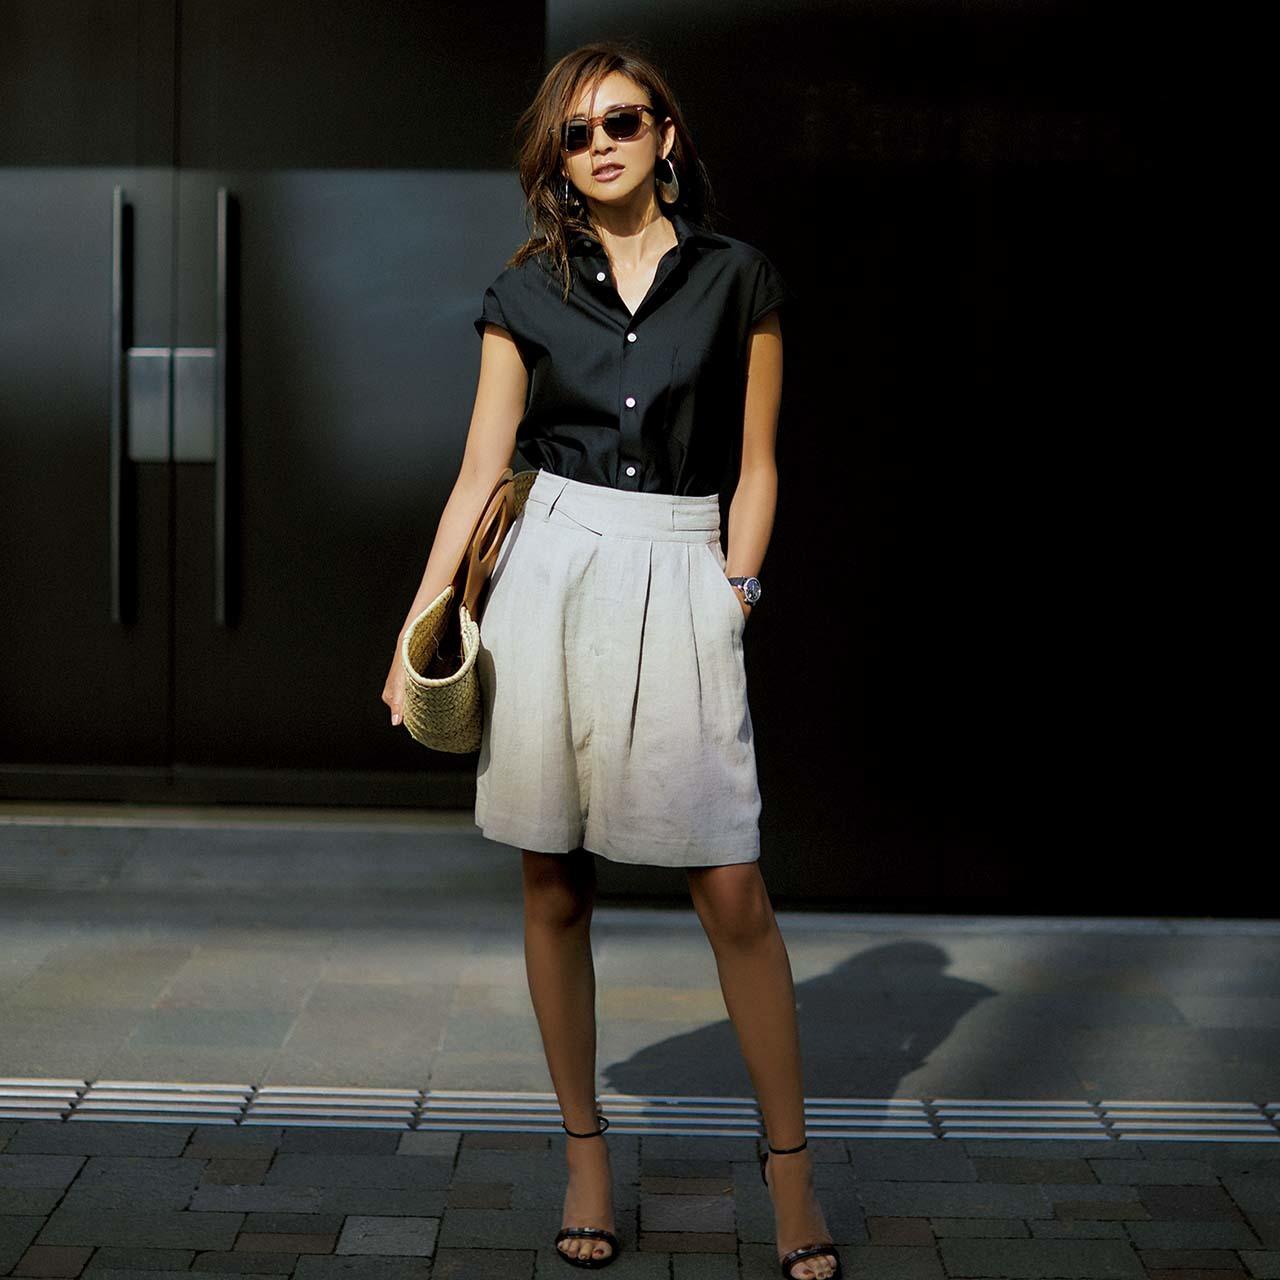 ブラックの半袖シャツ×ショートパンツコーデを着たモデルのSHIHOさん